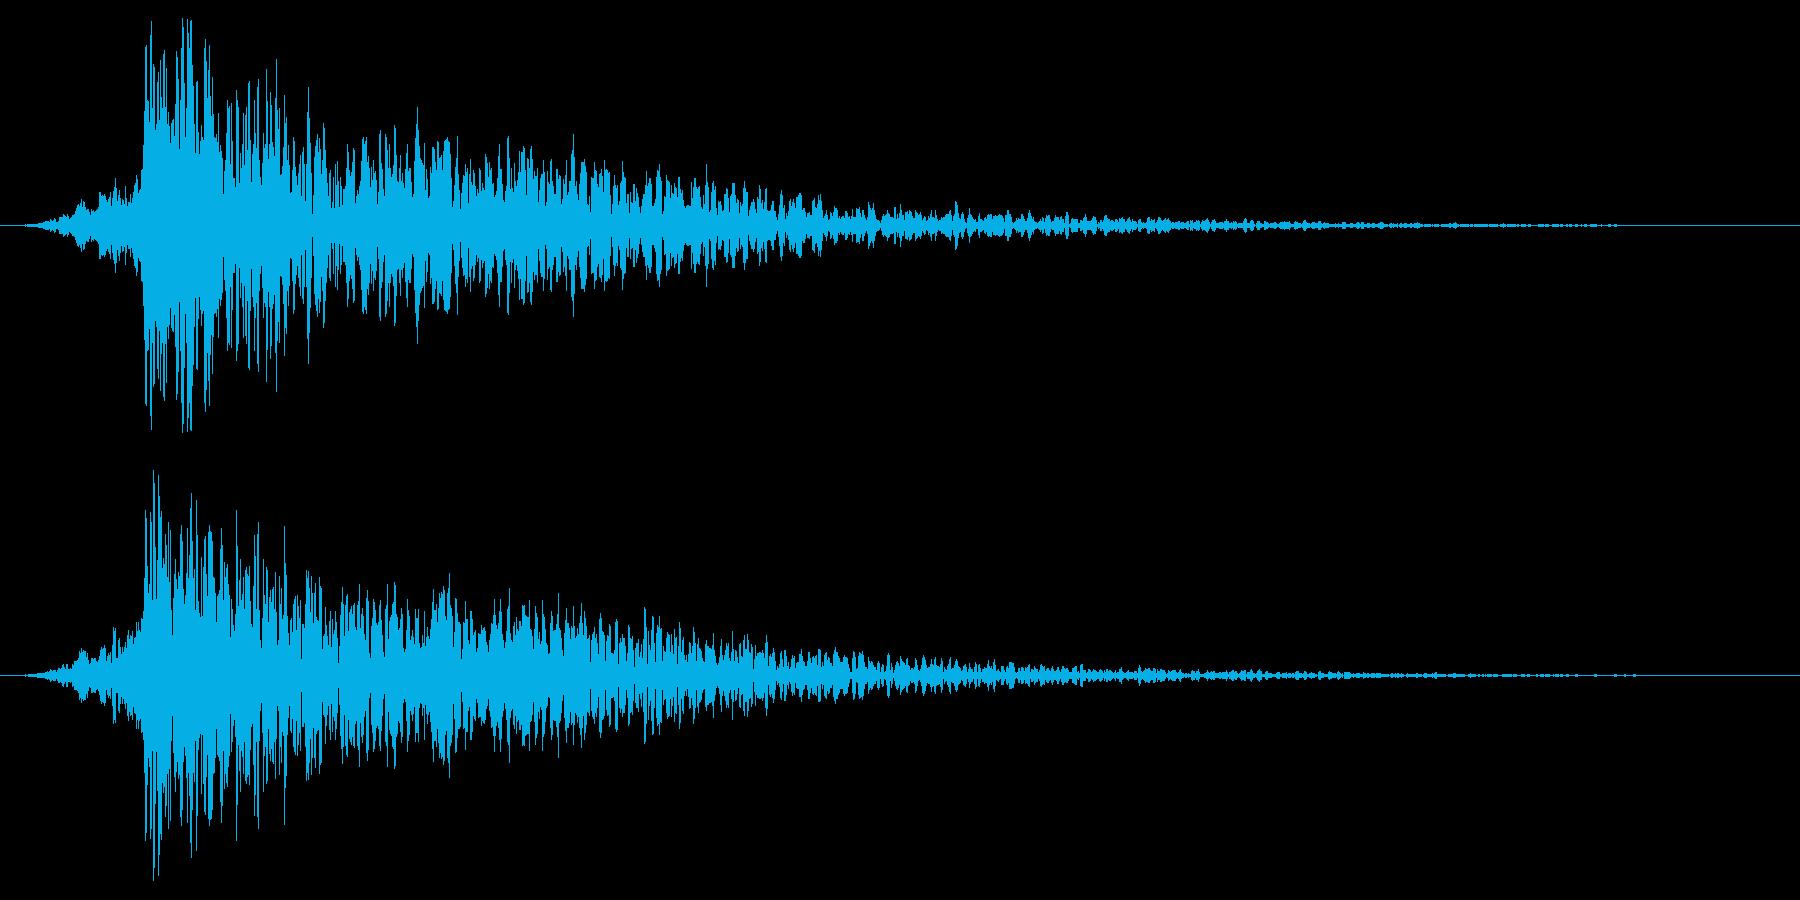 打撃音・爆発音・ヒット7-ヒュードーンッの再生済みの波形